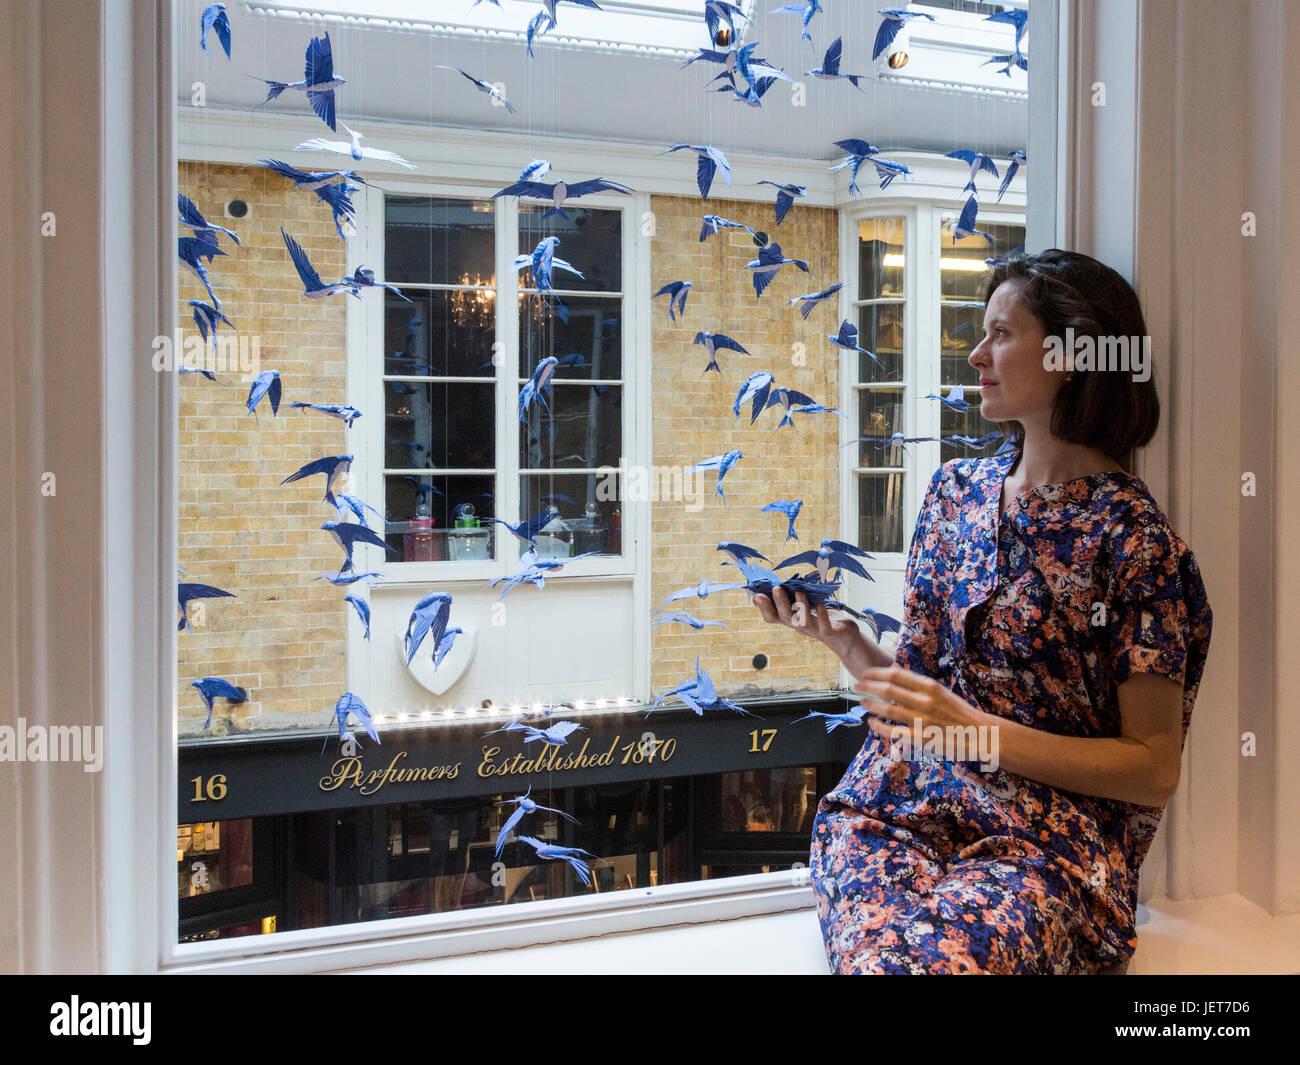 London, UK. 27 June 2017. French designer Mathilde Nivet transforms ...